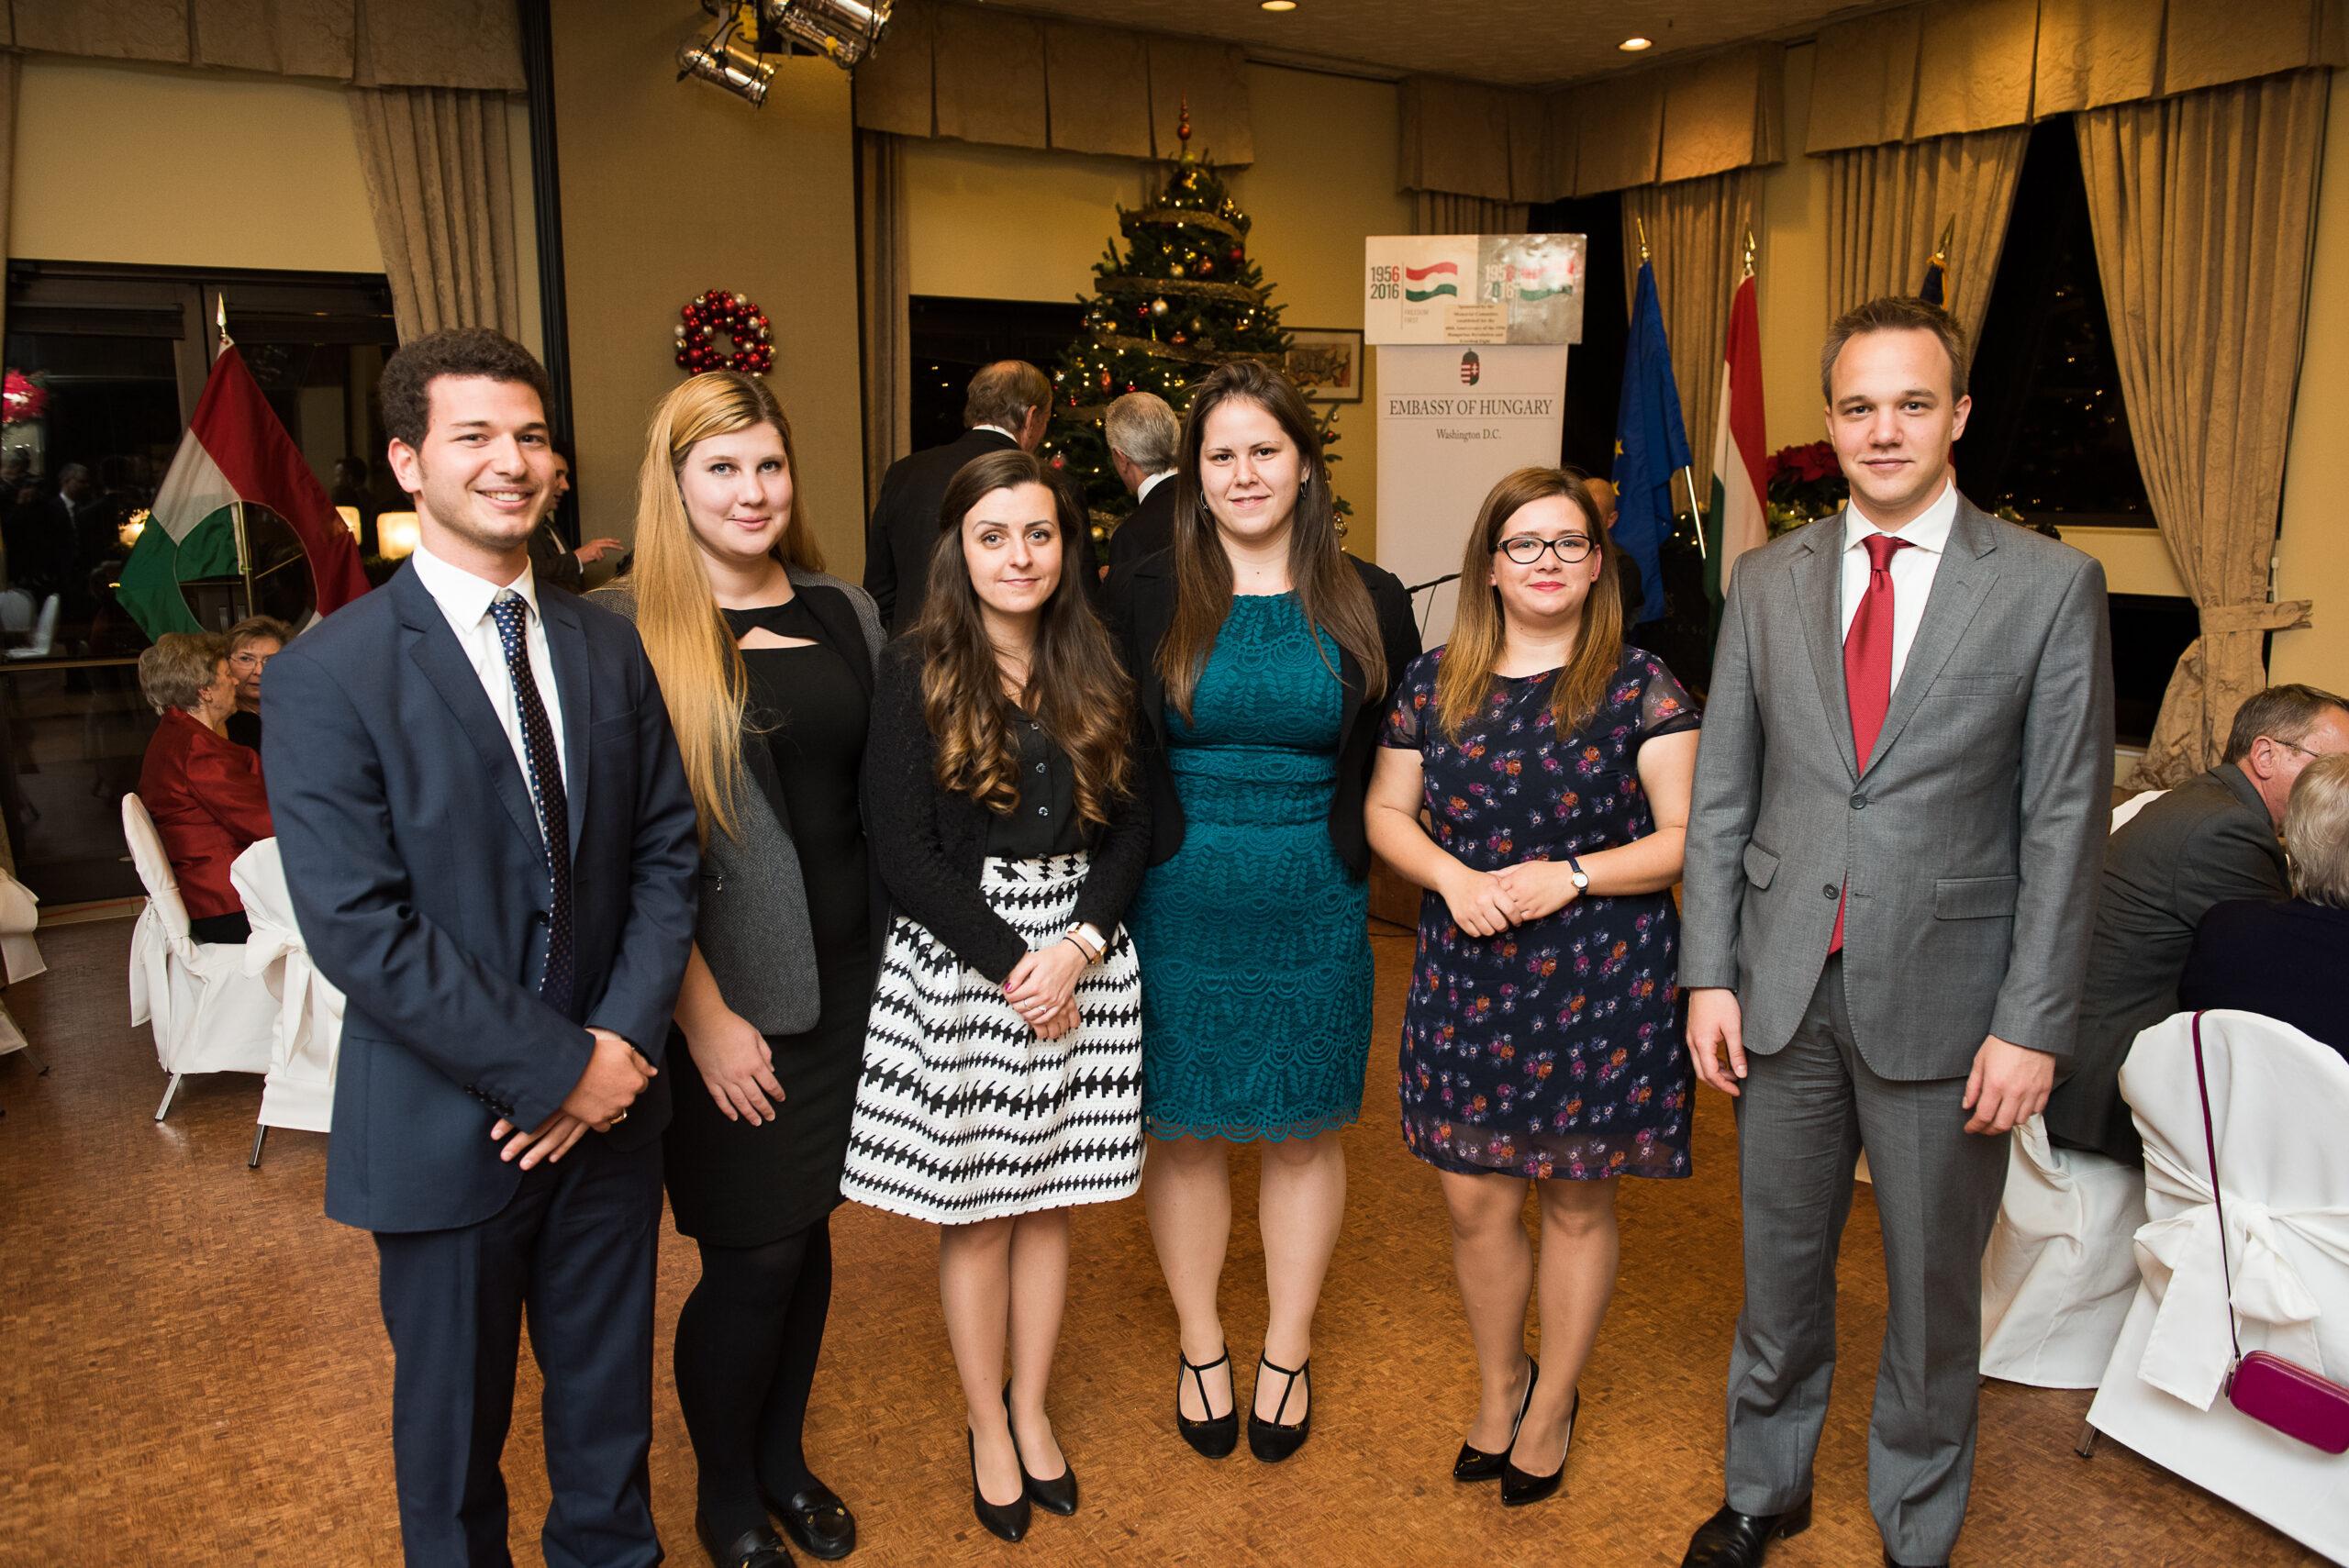 2016 Fall Coalition Interns -Mr. Tamás Forrai, Ms. Dorottya Bobák, Ms. Mária Béres, Ms. Alexandra Tari, Ms. Sarolta Borzási, Mr. Áron Giró-Szász